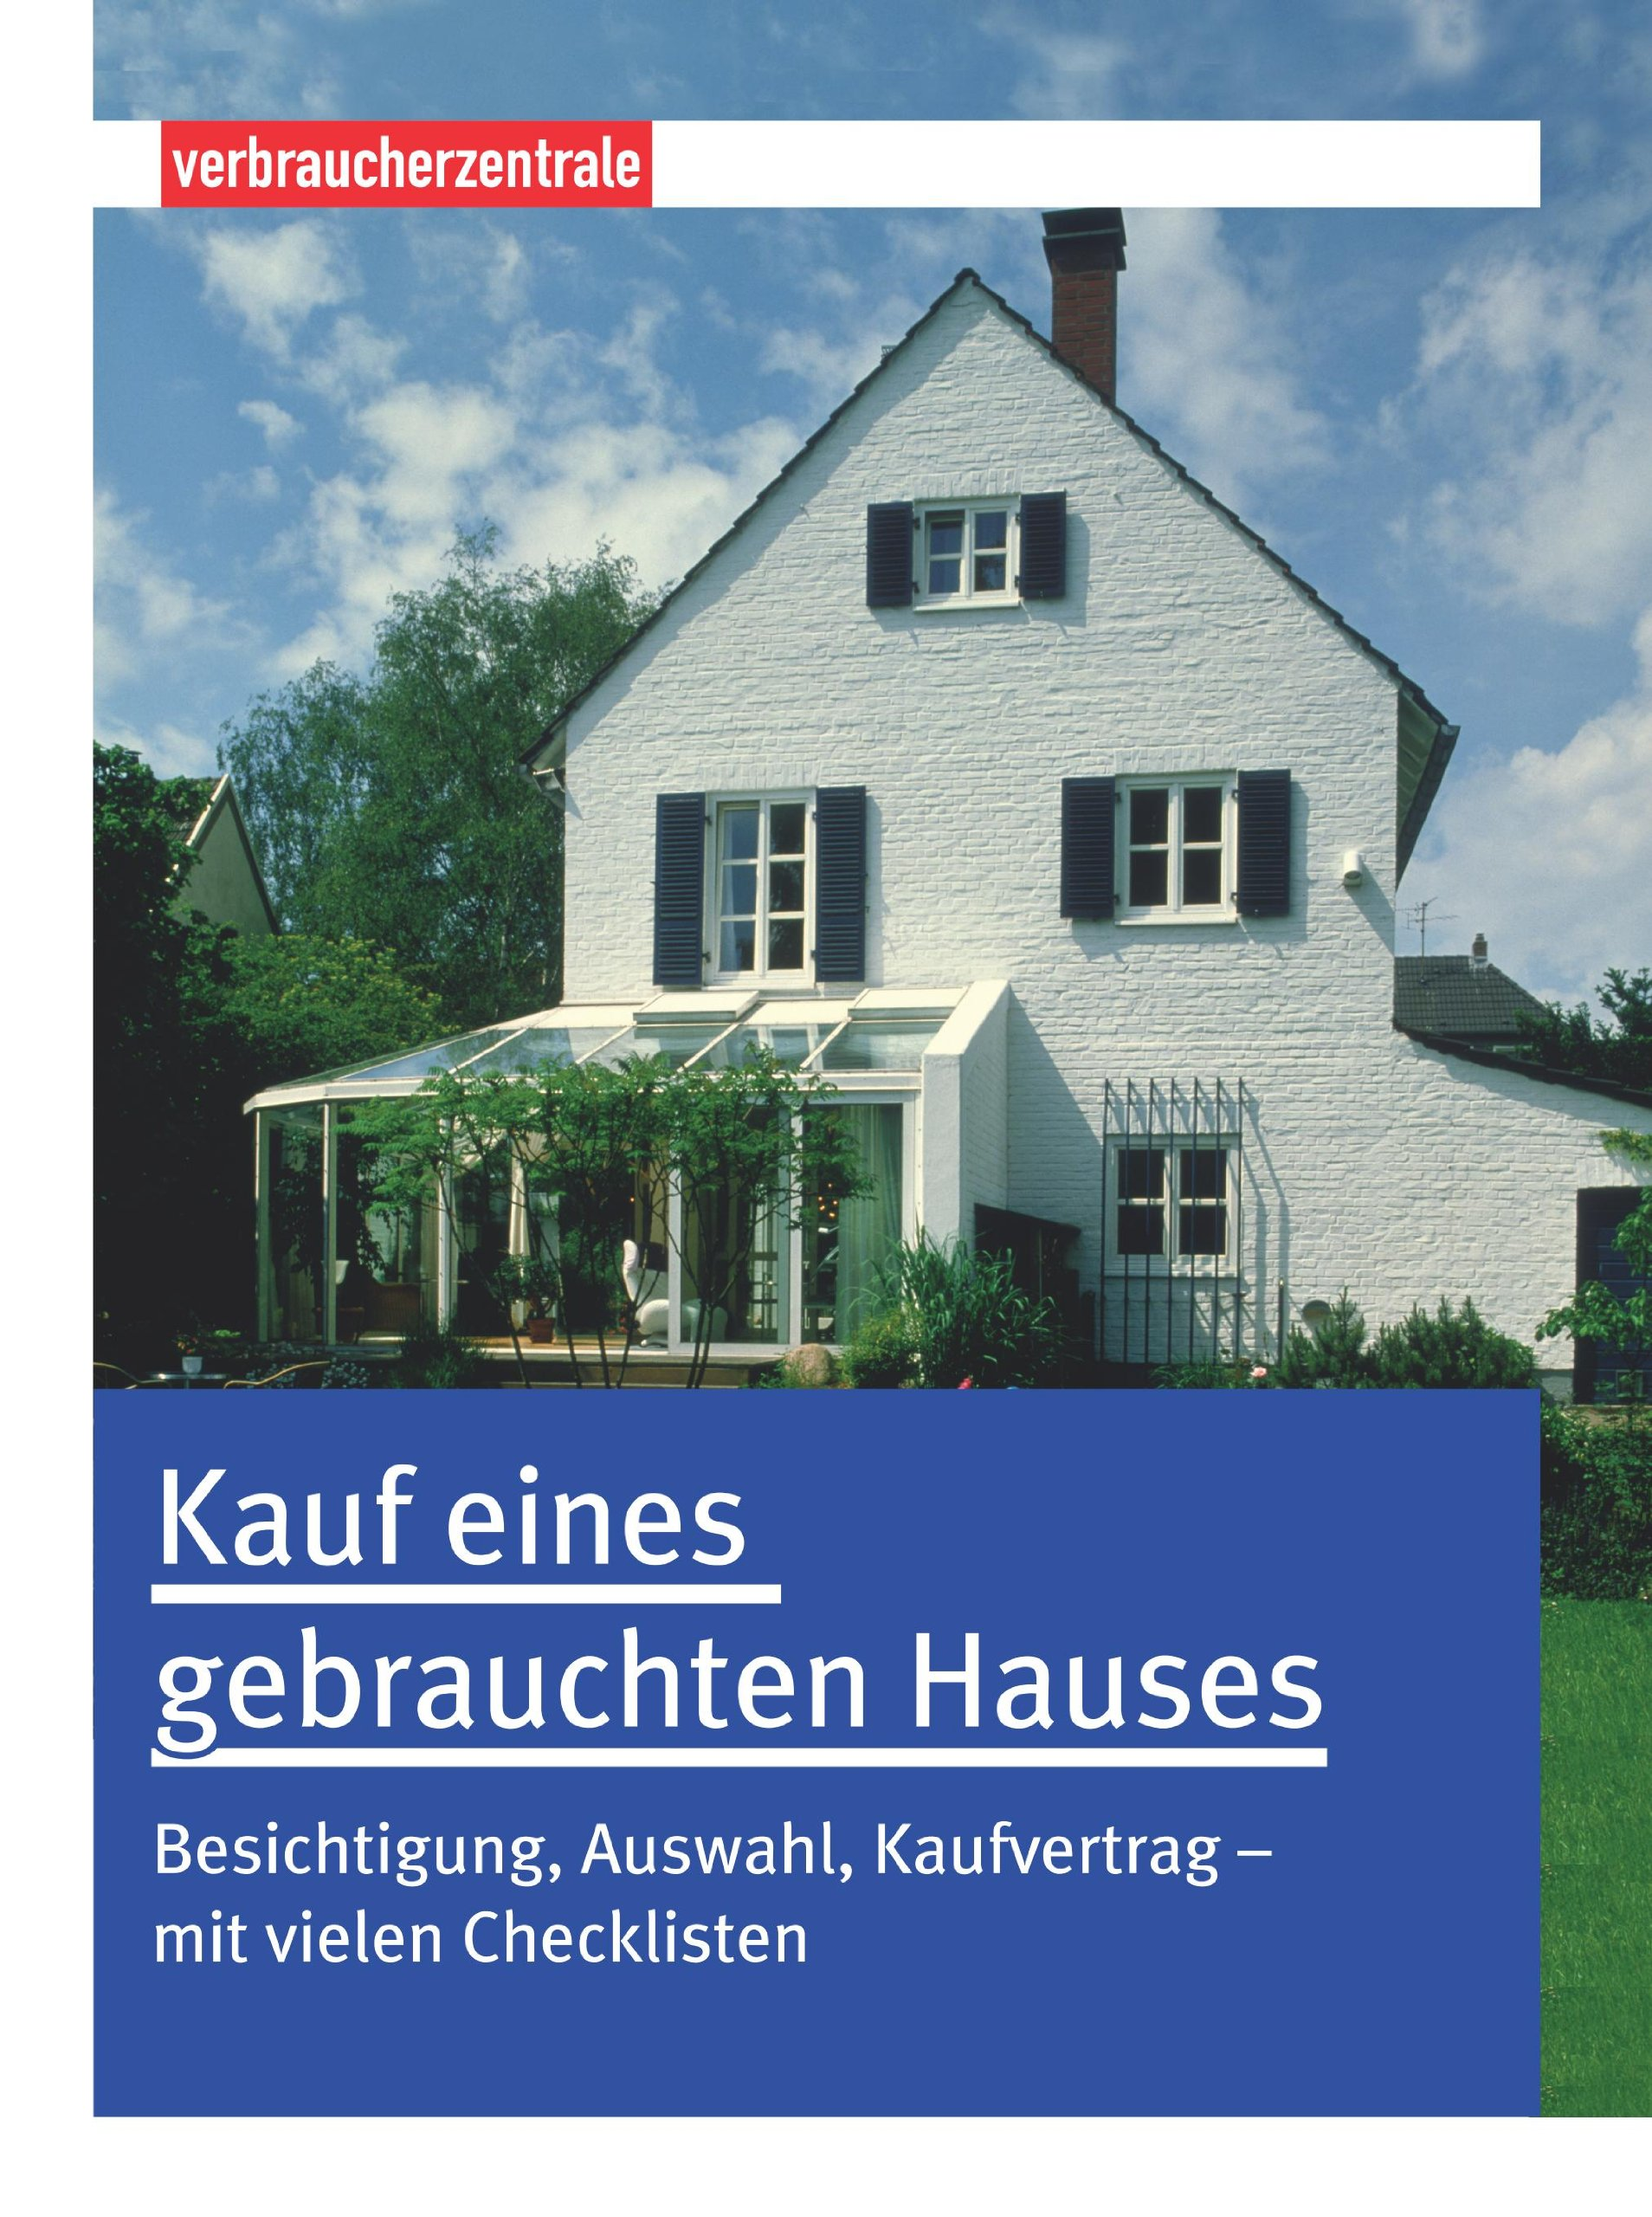 Kauf eines gebrauchten Hauses  Besichtigung, Auswahl, Kaufvertrag - mit vielen Checklisten